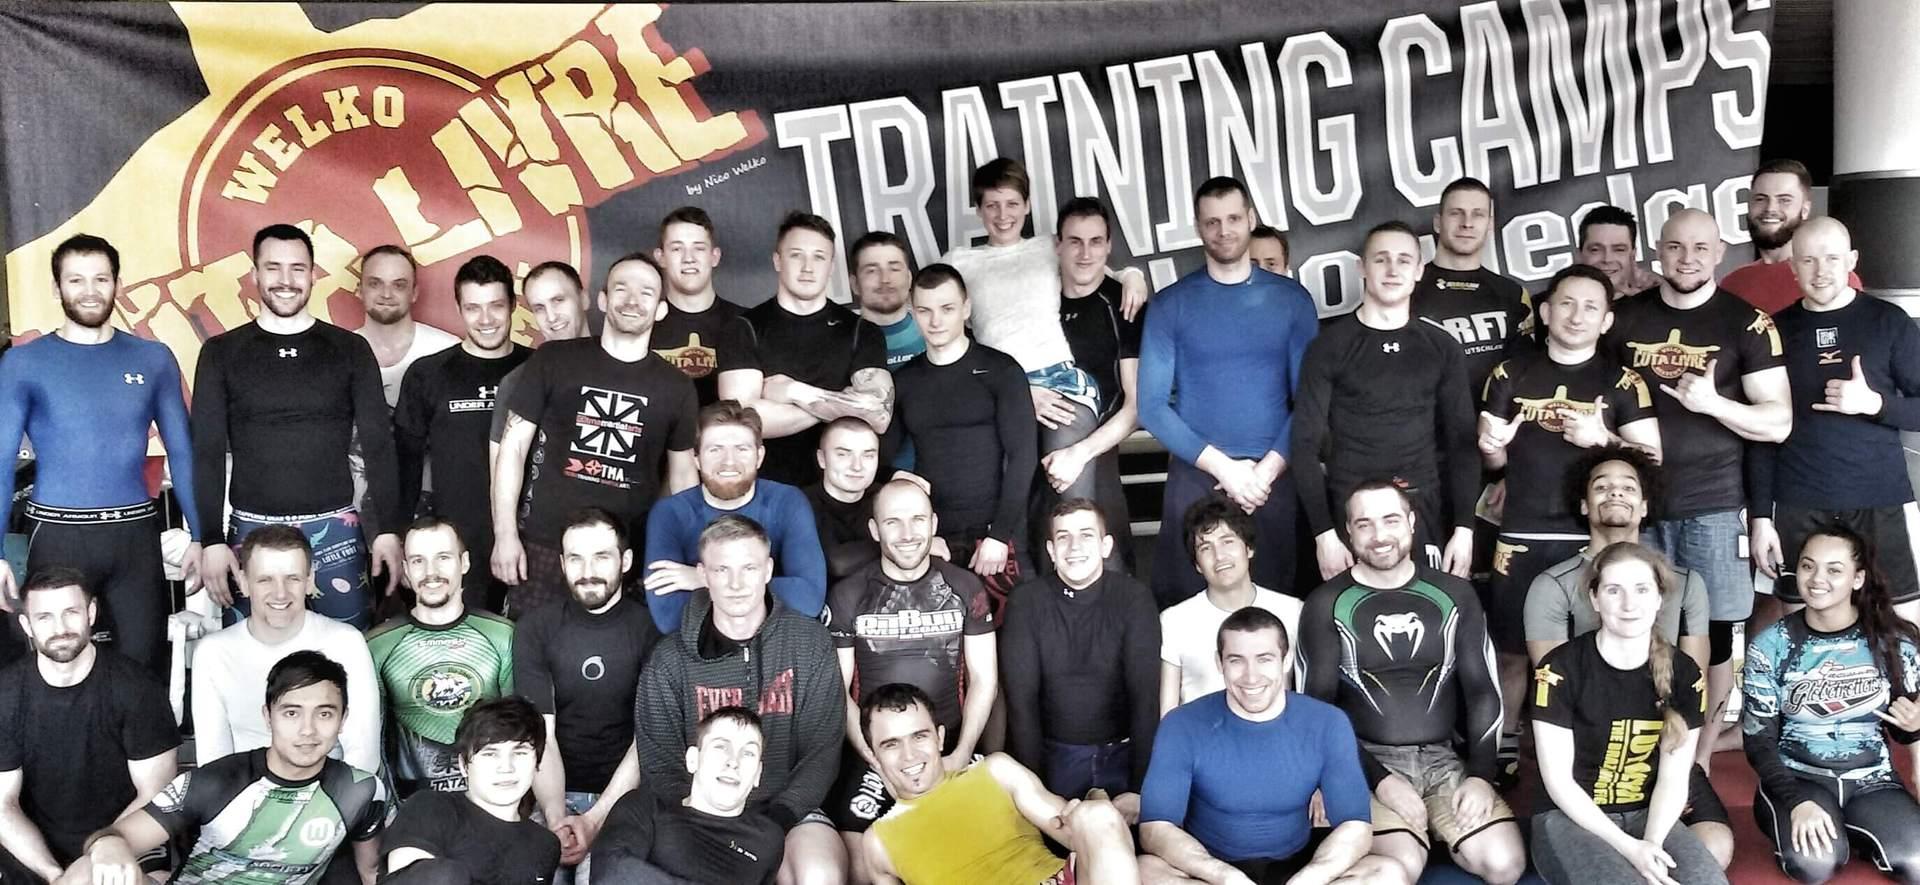 luta-livre-camp-lbeck-welko-academy-01